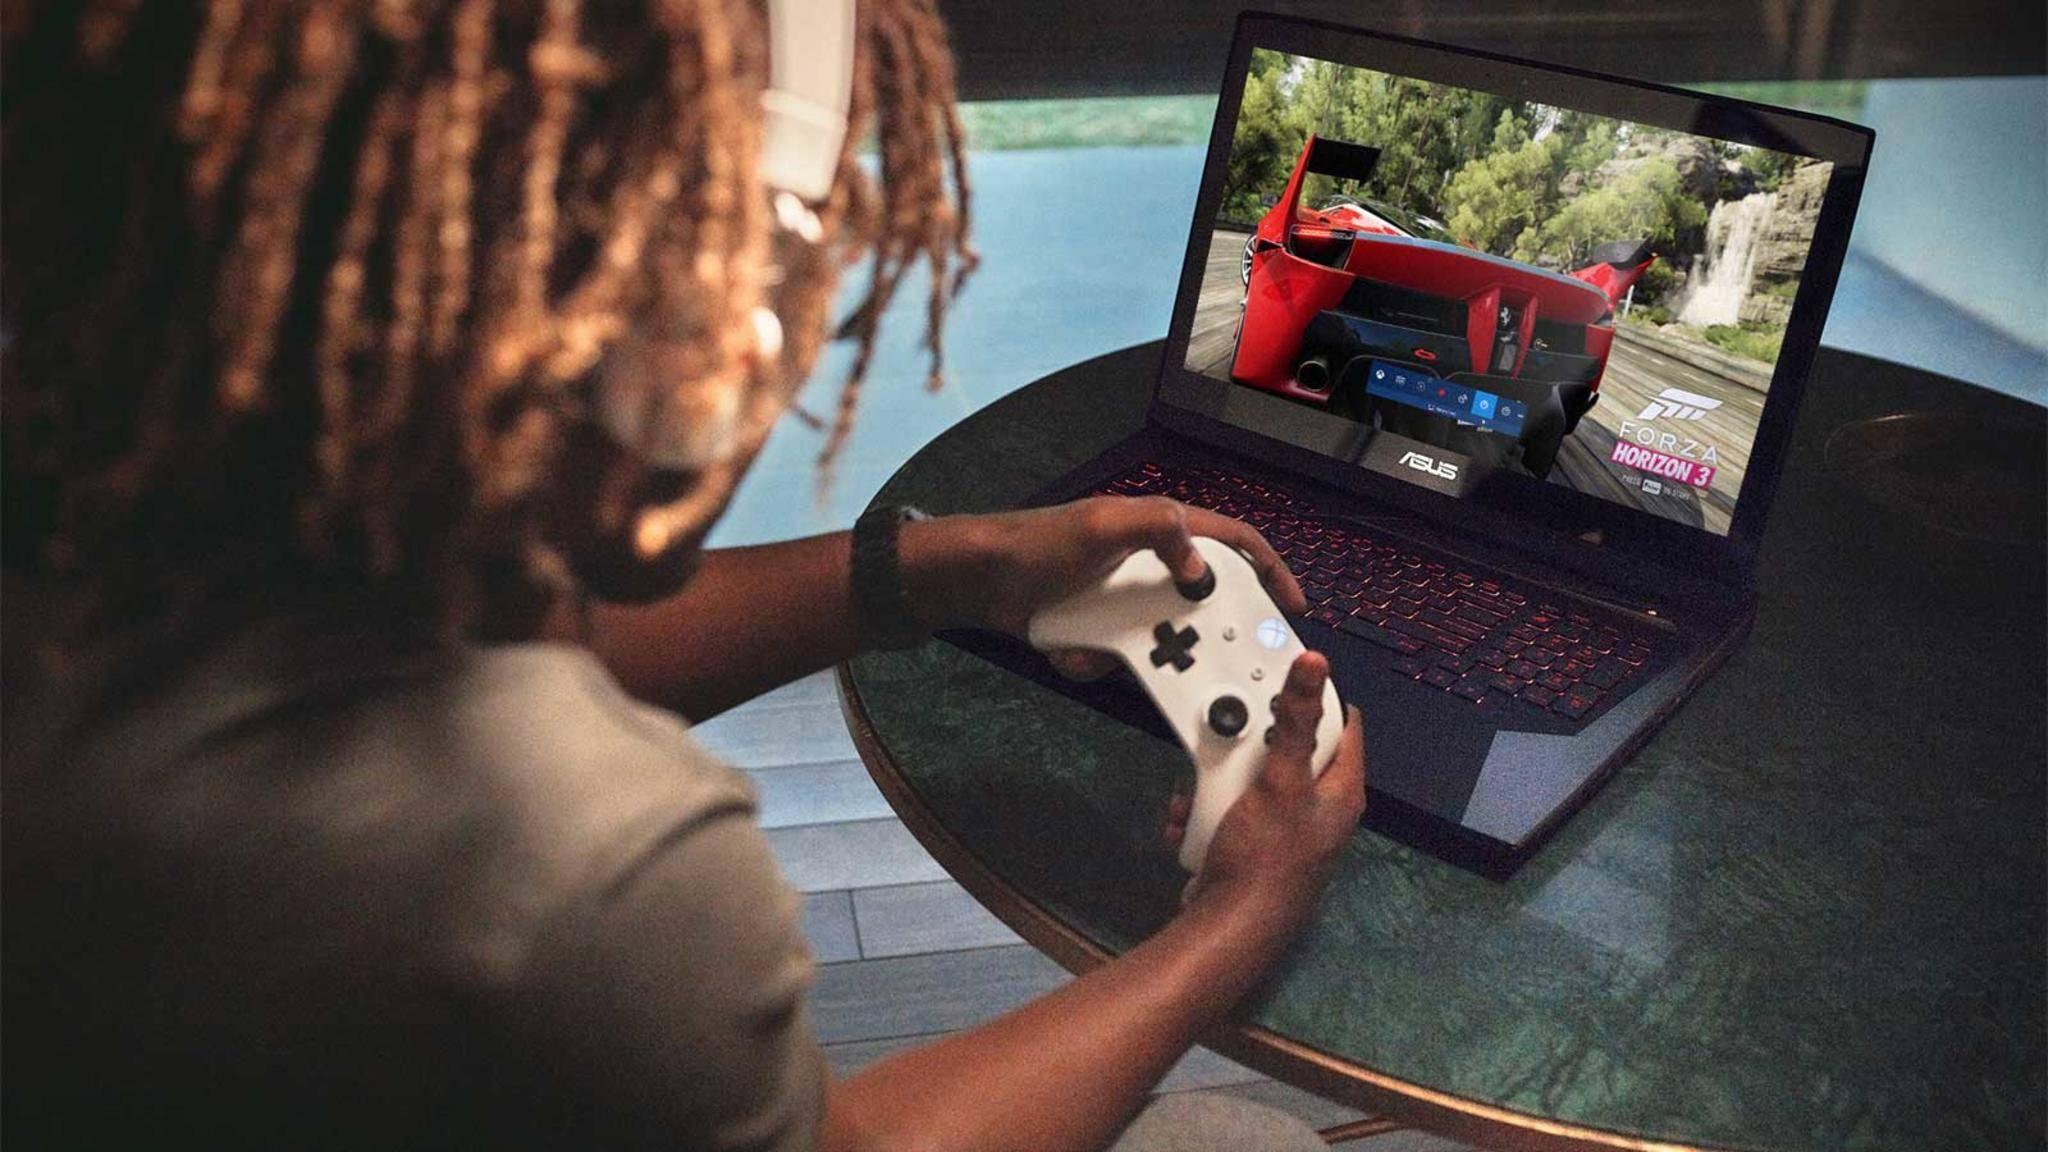 Als Teil des Fall Creators Updates für Windows 10 veröffentlicht Microsoft eine neue Anti-Cheat-Software.